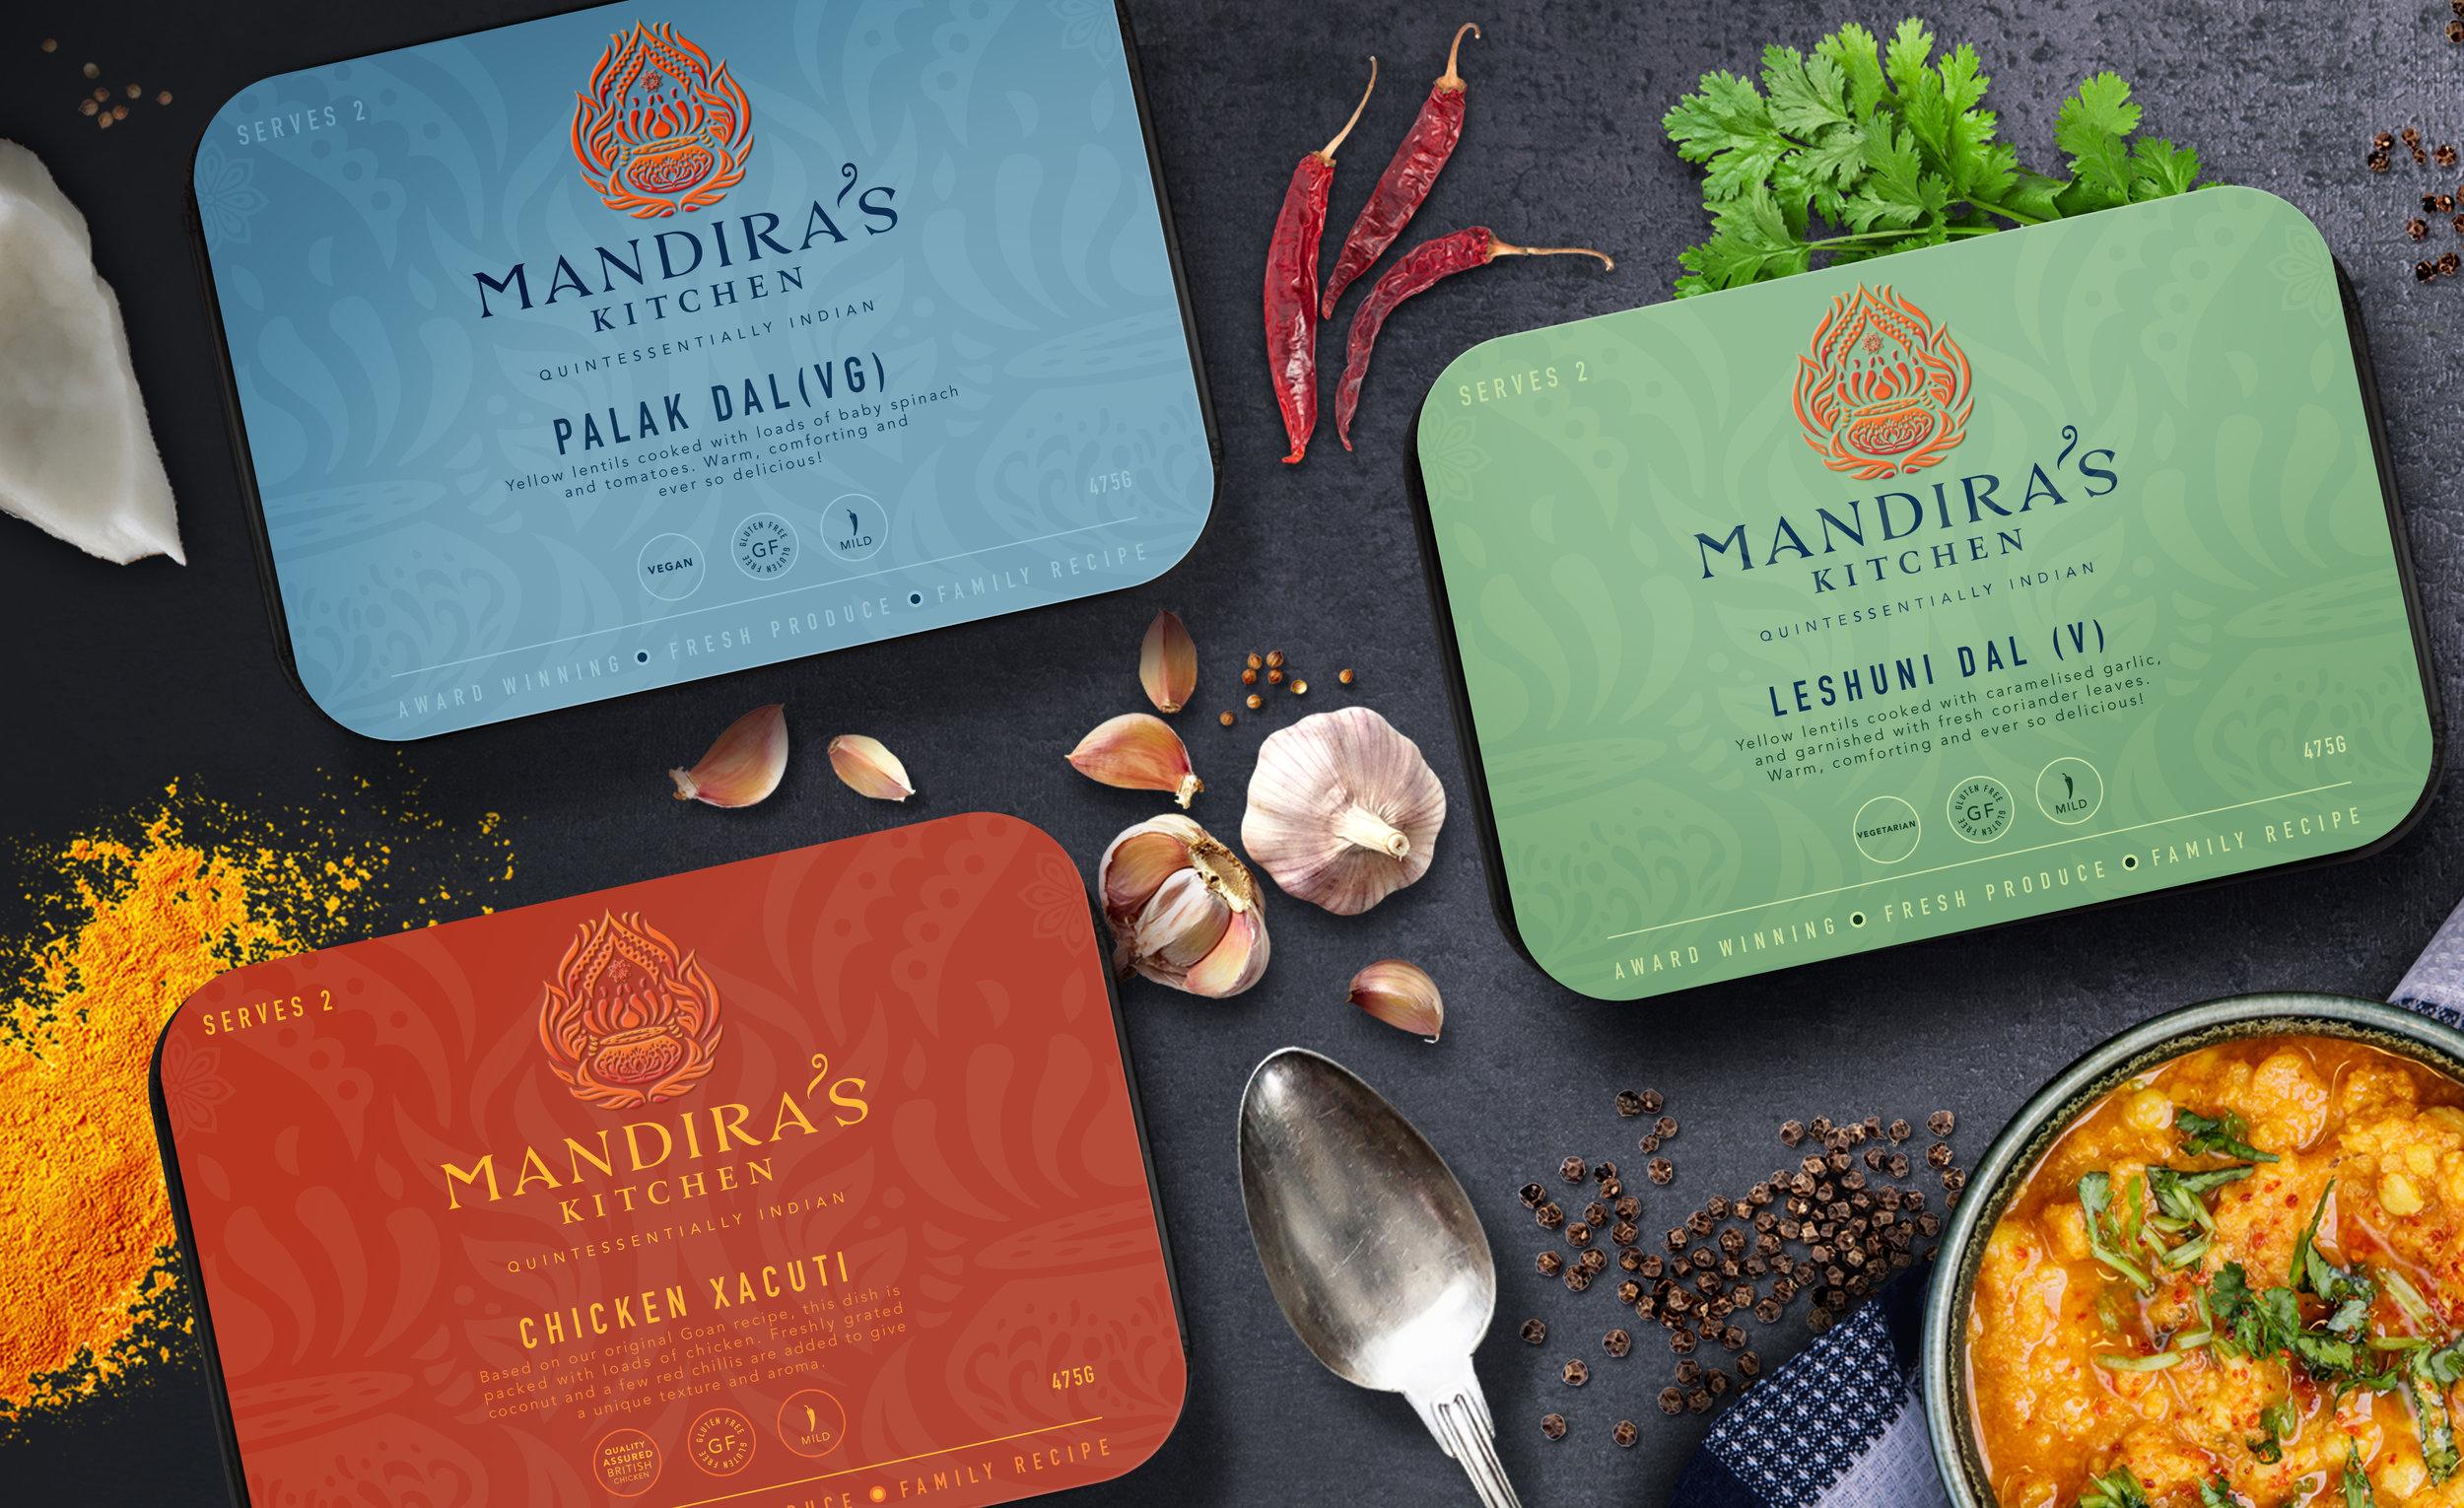 MANDIRA'S KITCHEN - QUINTESSENTIALLY INDIAN